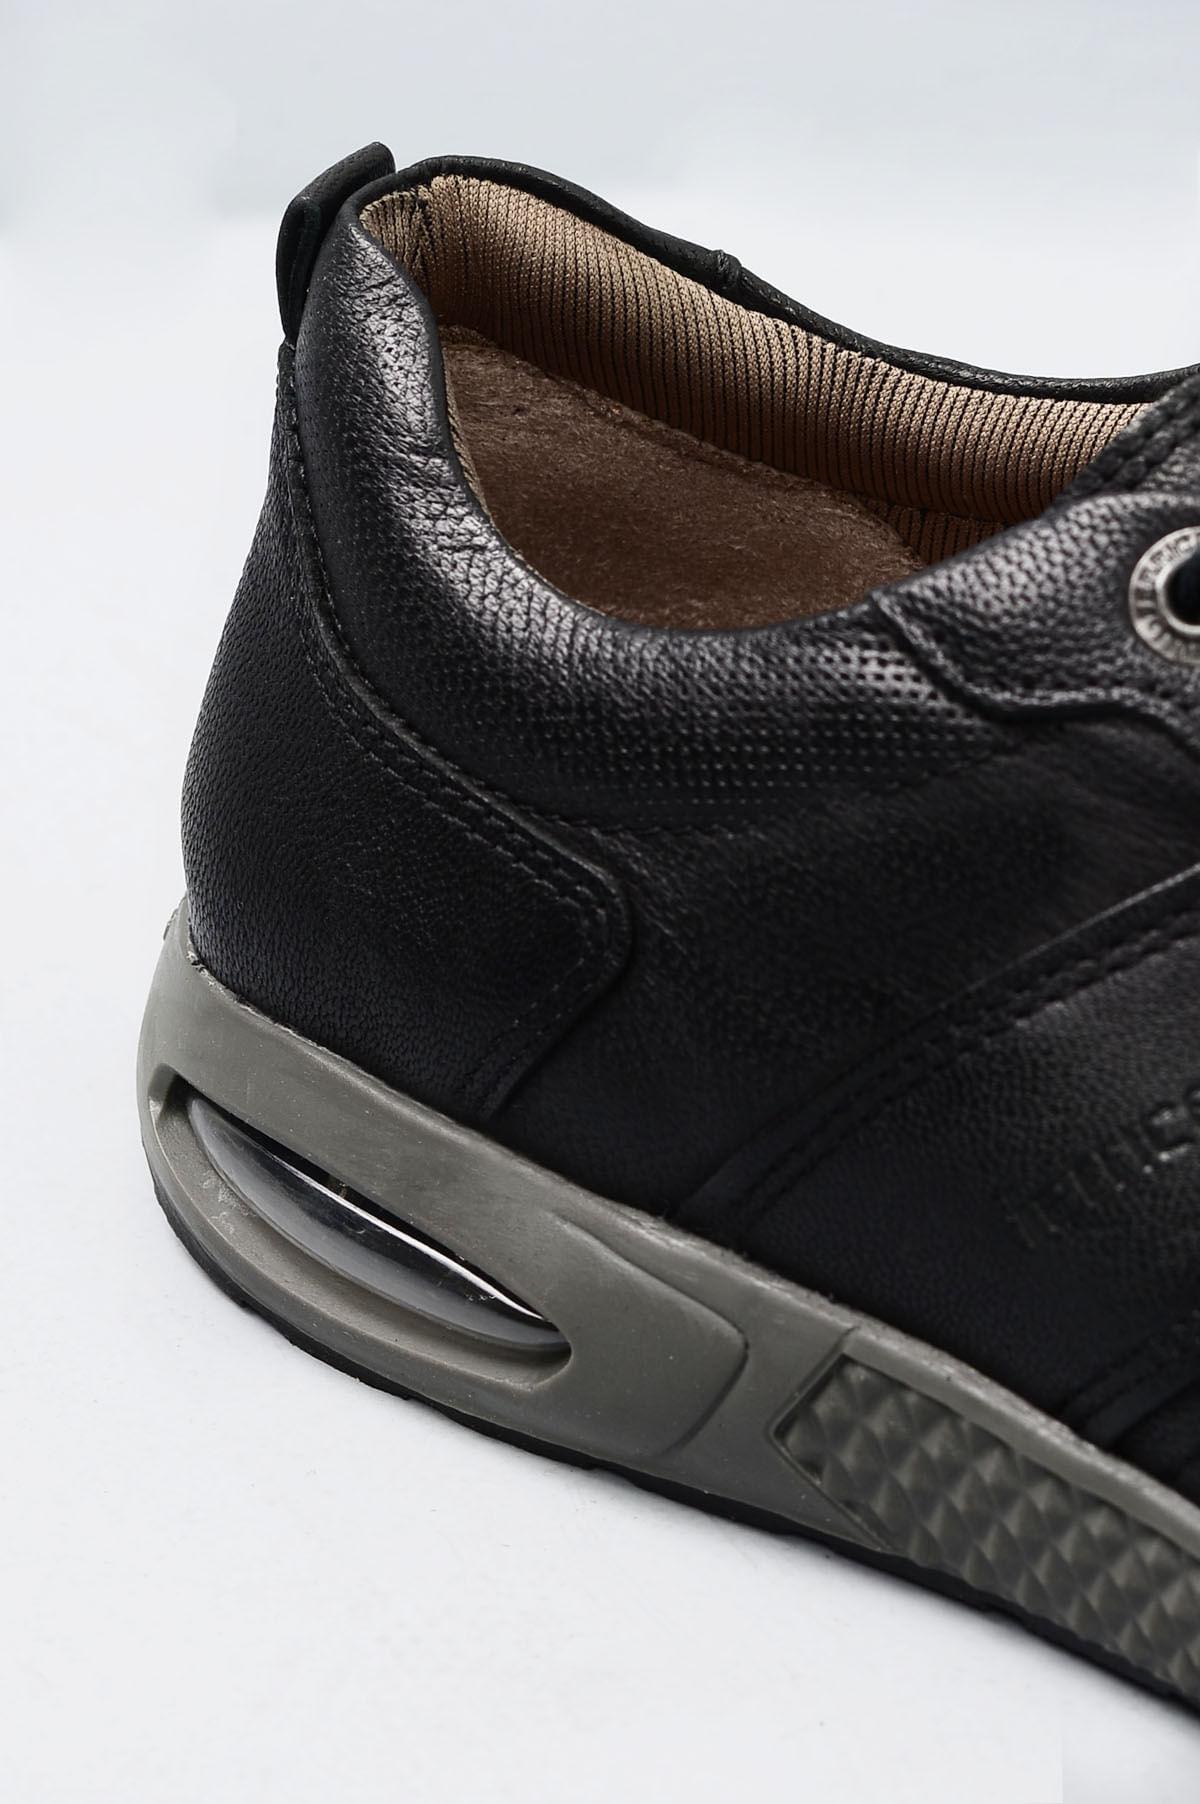 52ade157003f0 Sapatênis Masculino Ferricelli Diego CR-PRETO - Mundial Calçados